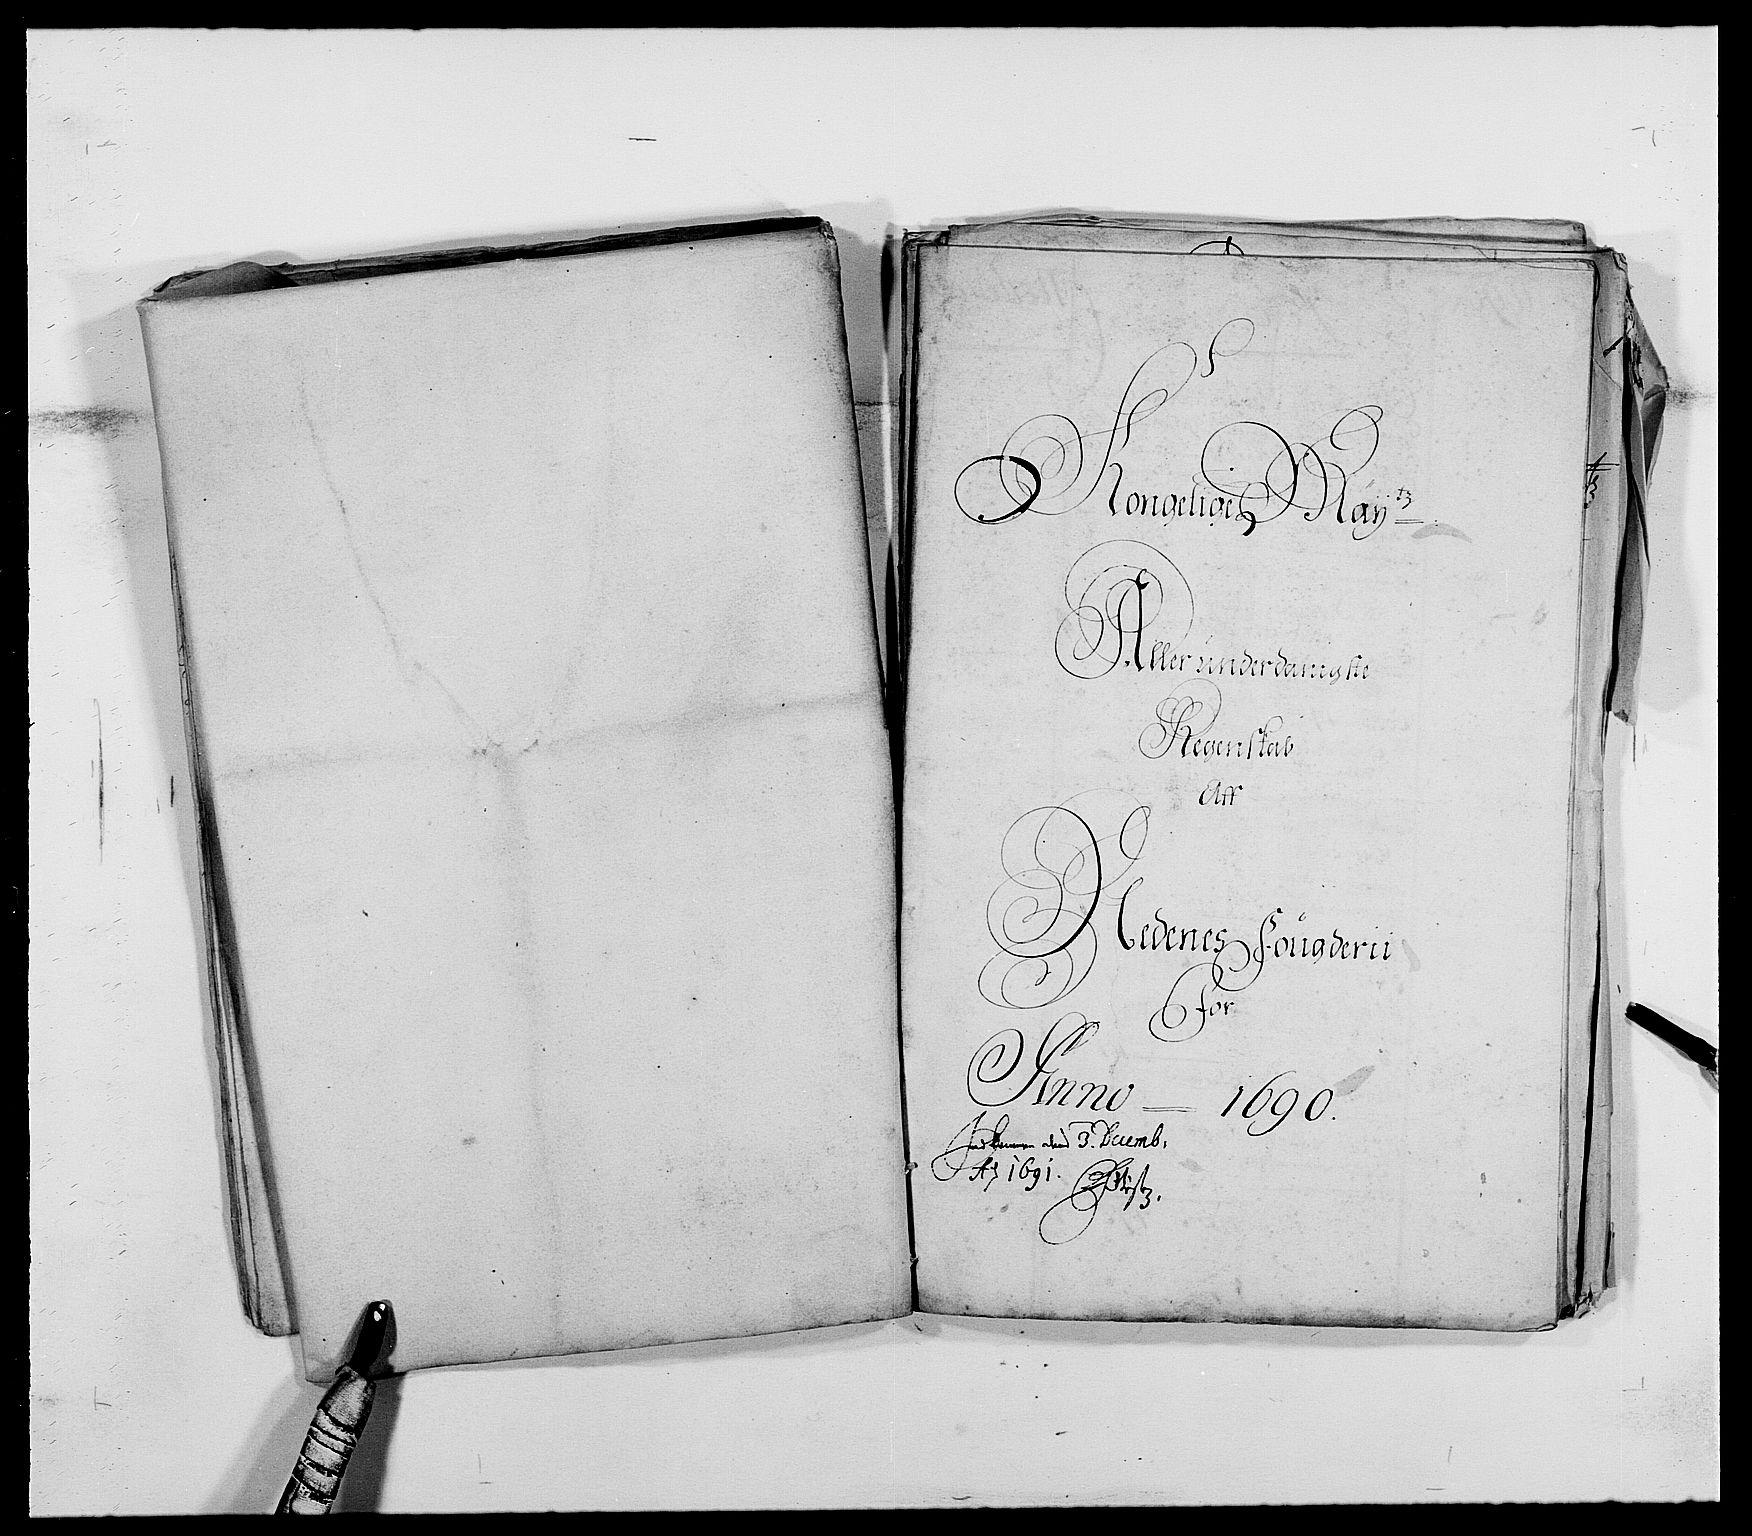 RA, Rentekammeret inntil 1814, Reviderte regnskaper, Fogderegnskap, R39/L2310: Fogderegnskap Nedenes, 1690-1692, s. 19